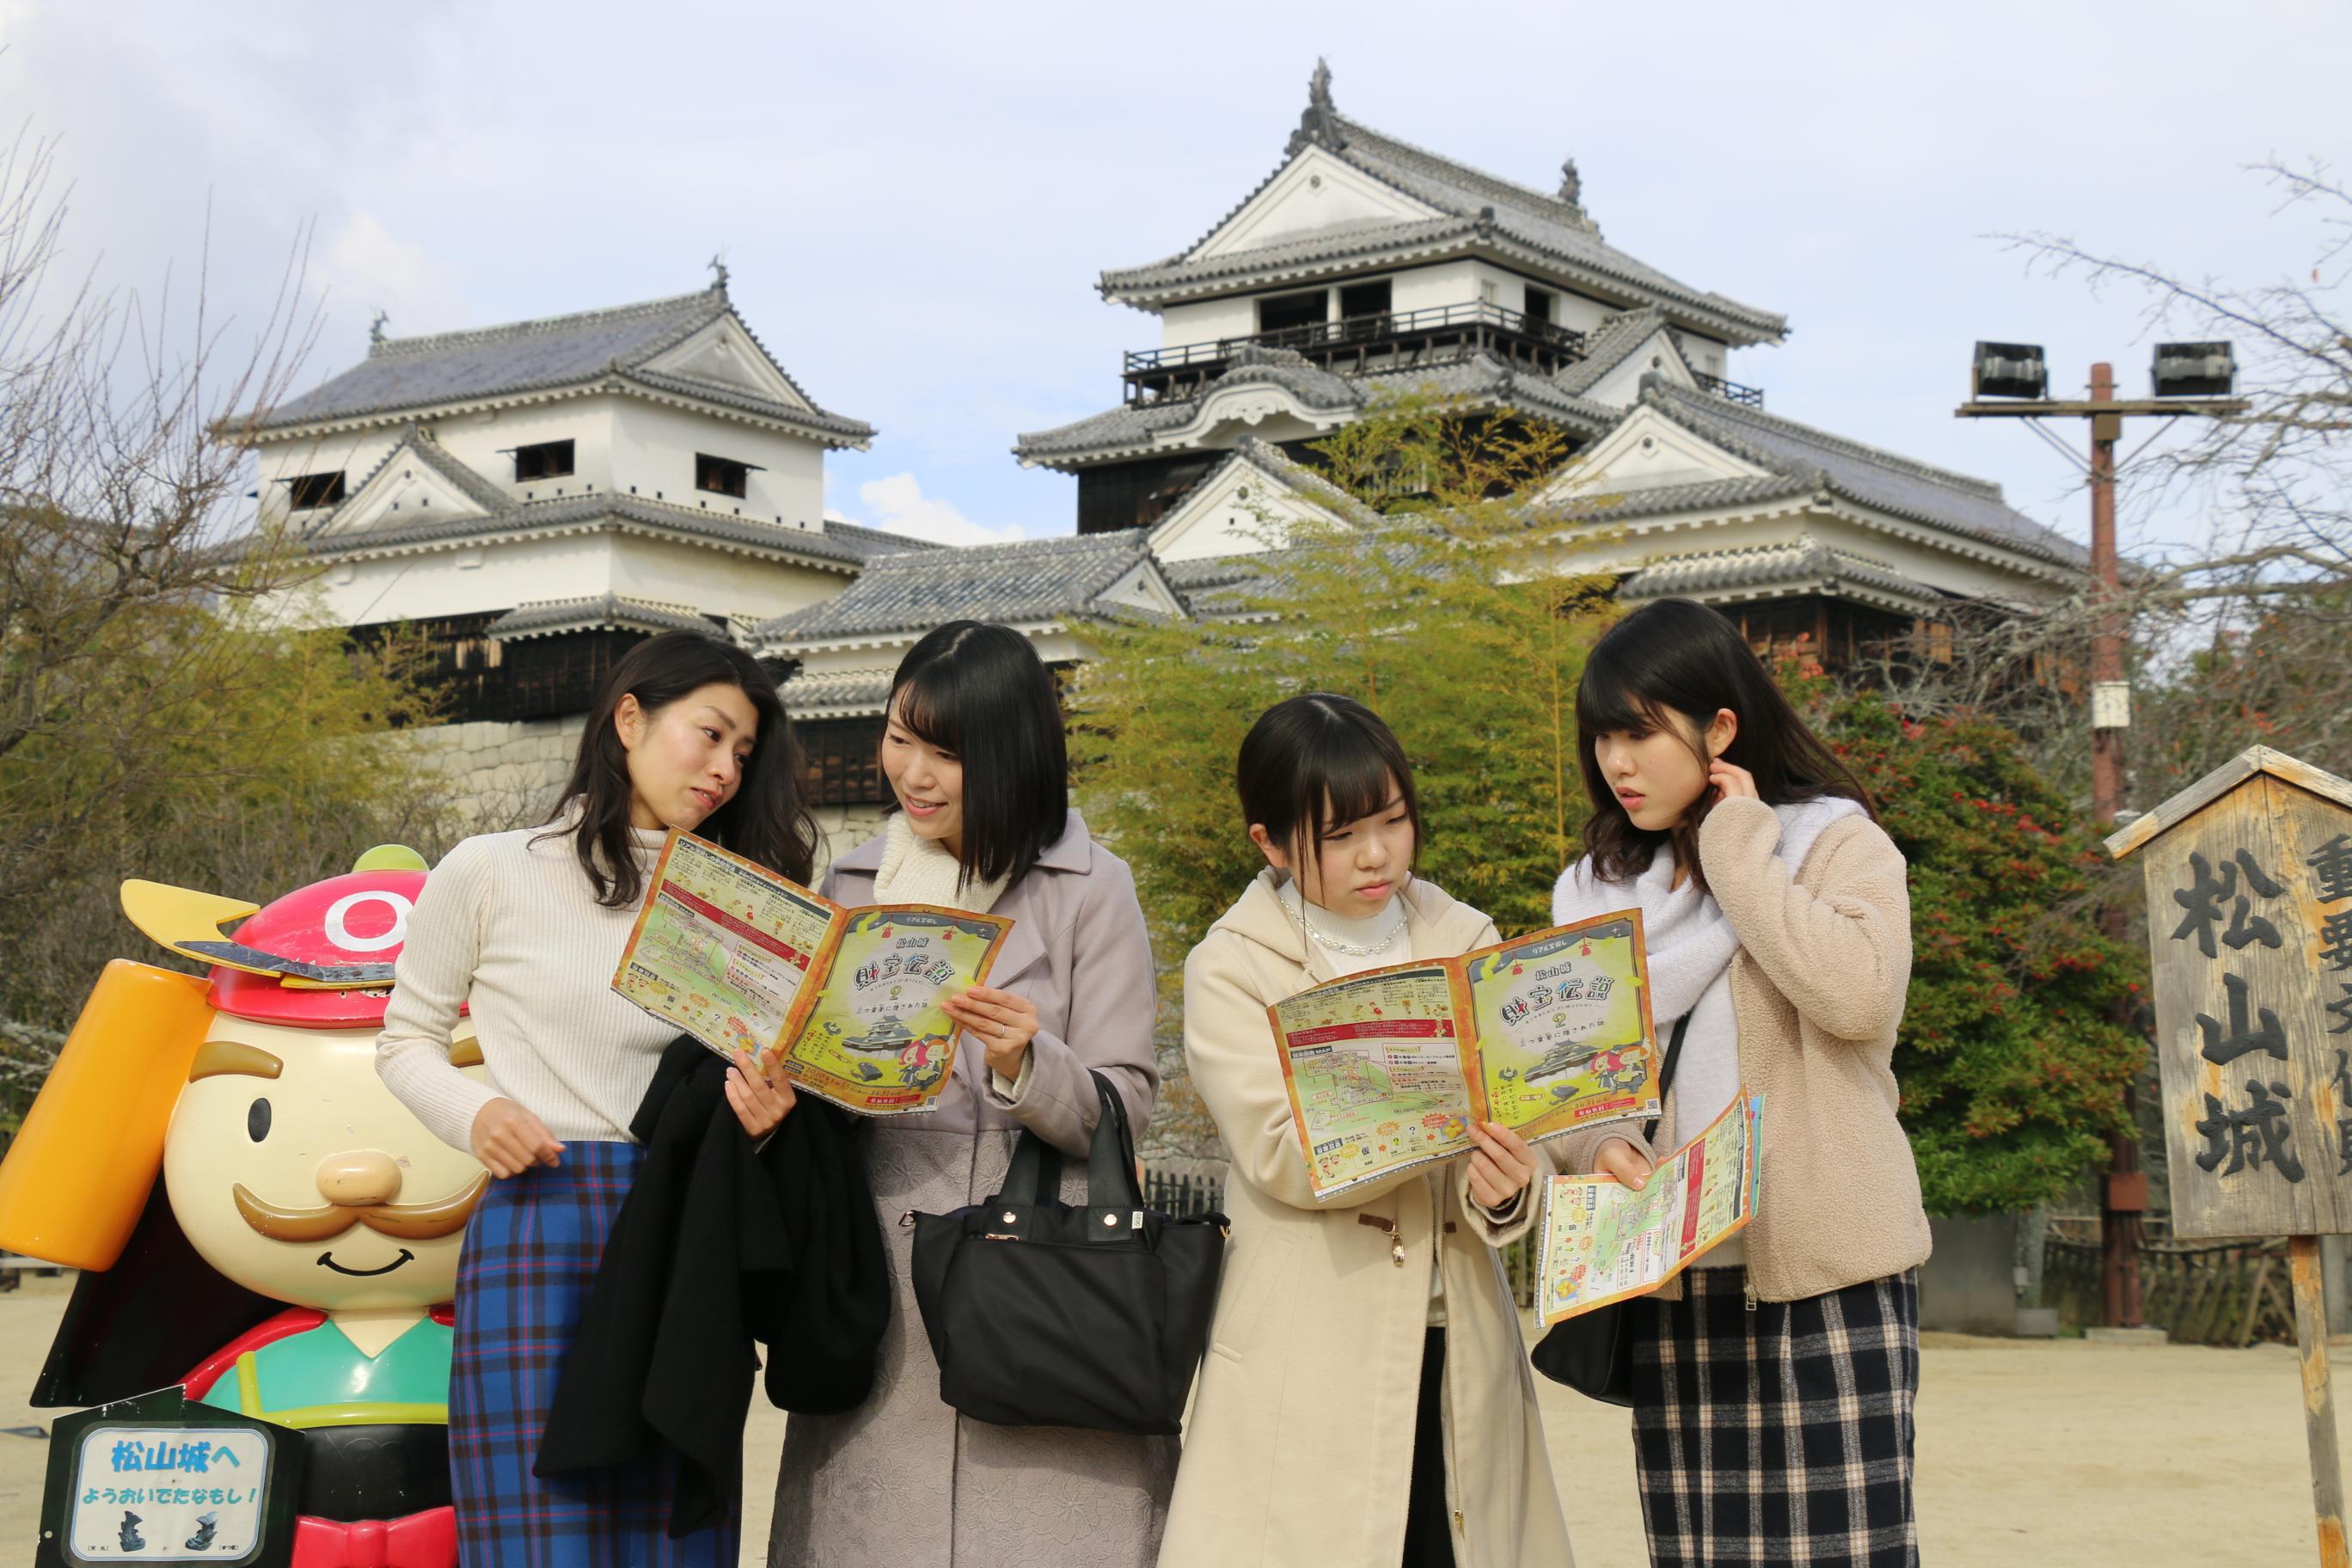 Facebookに「松山城冬の陣」の記事を投稿しました